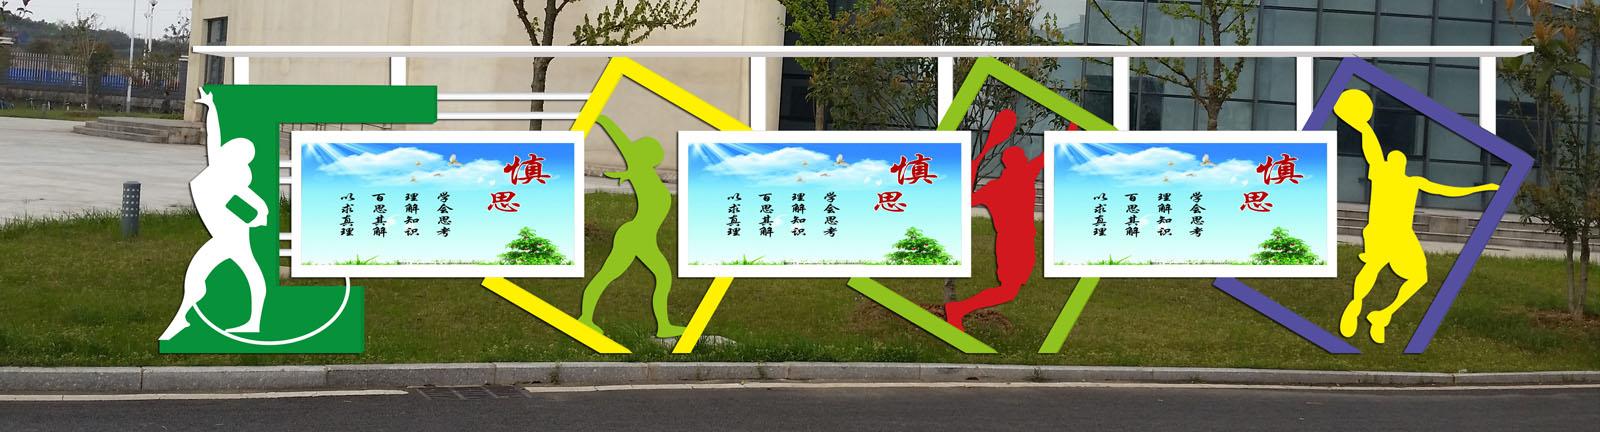 芜湖公交候车亭